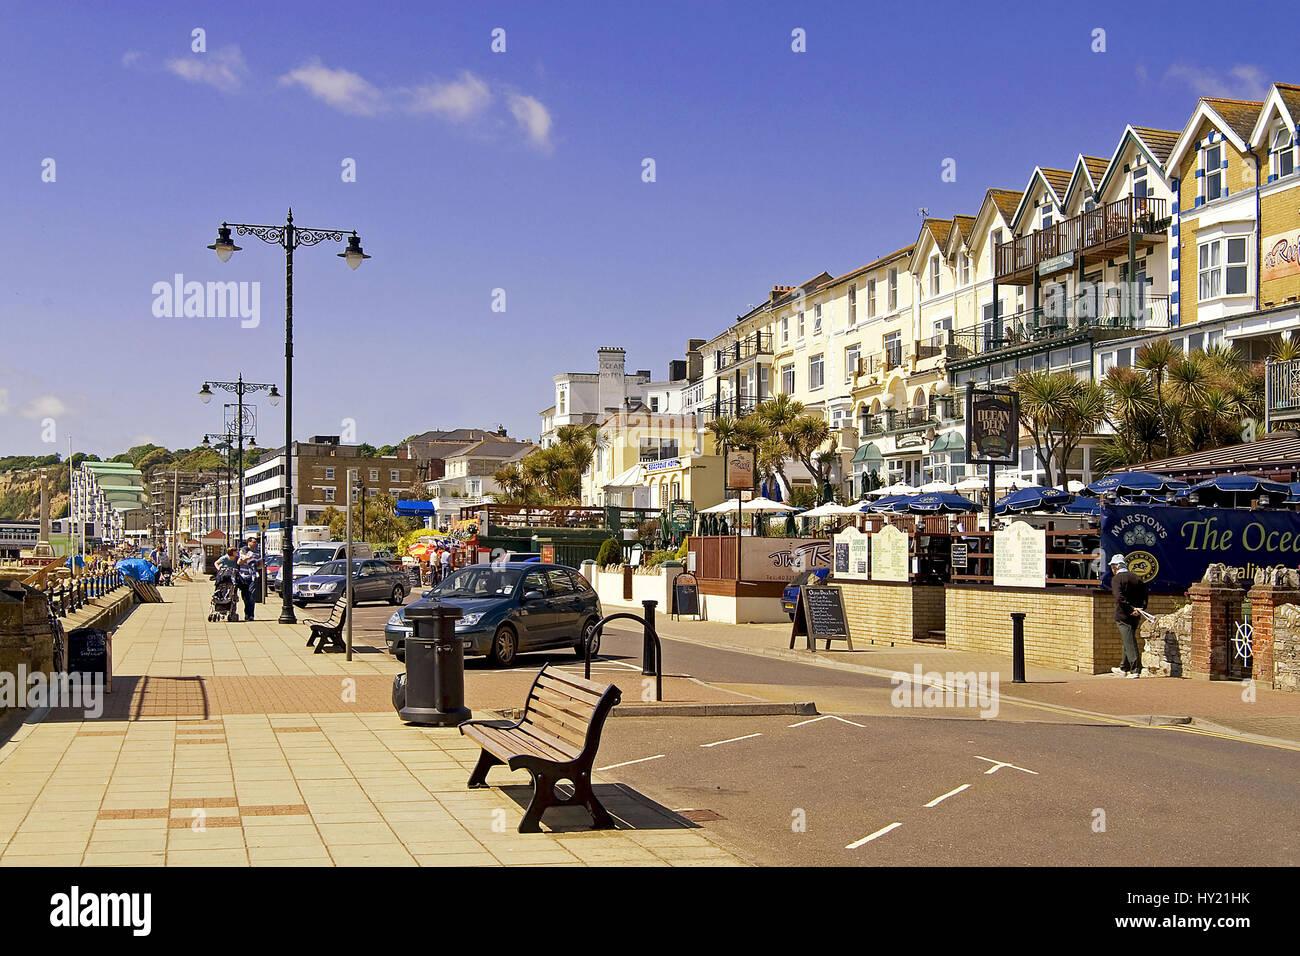 Bild ueber die Strandpromenade von Sandown ein bekanntes Strandresort auf der Insel Isle of Wight in Südengland. - Stock Image